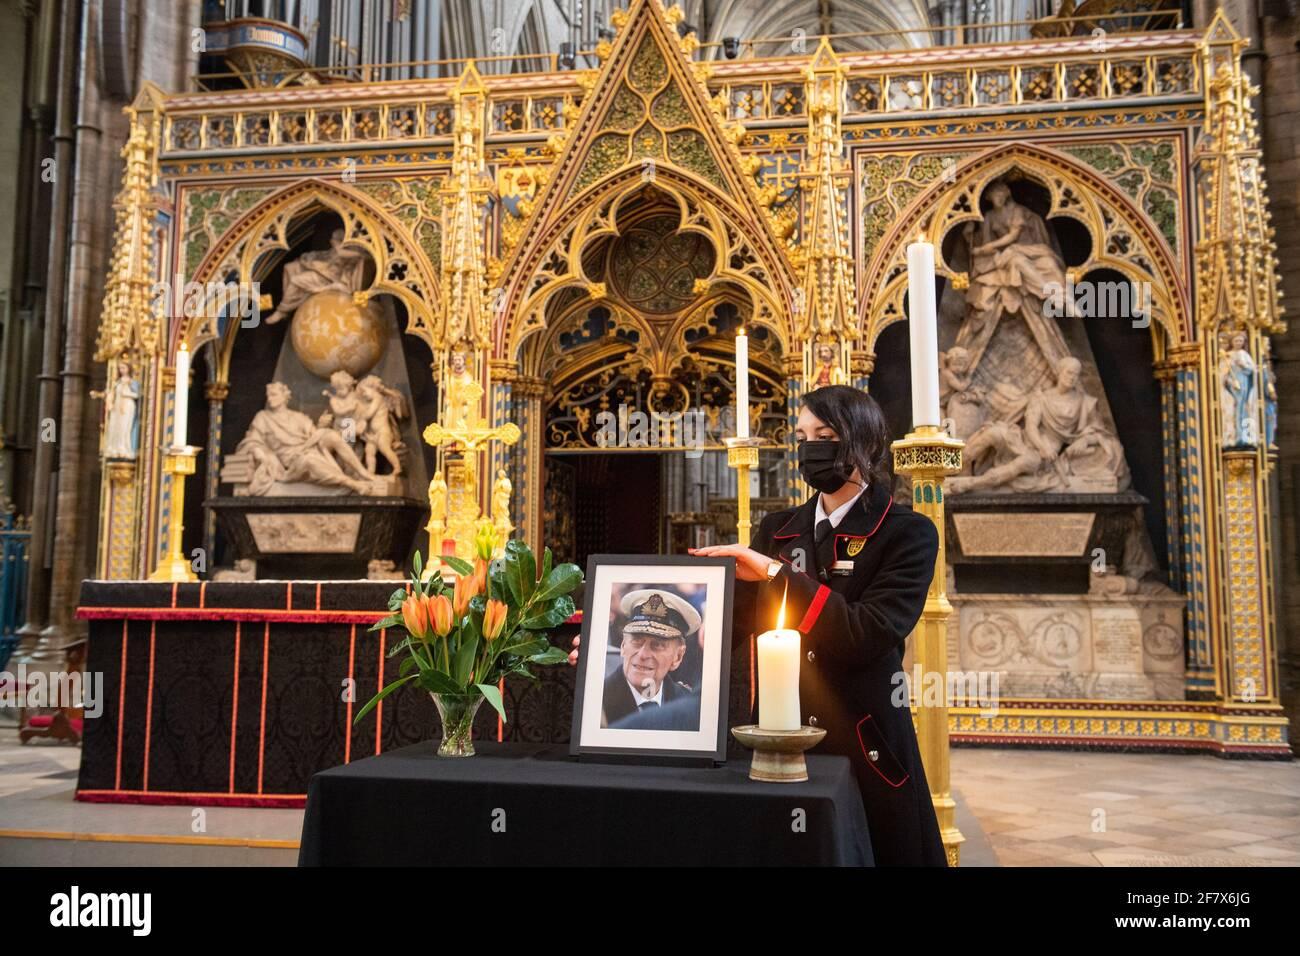 Rosa Wlodarczyk passt ein Foto des Herzogs von Edinburgh an, das neben dem Kirchenschiff in der Westminster Abbey, London, ausgestellt ist und aus Anlass seines Todes schwarz gekleidet wurde. Bilddatum: Samstag, 10. April 2021. Stockfoto